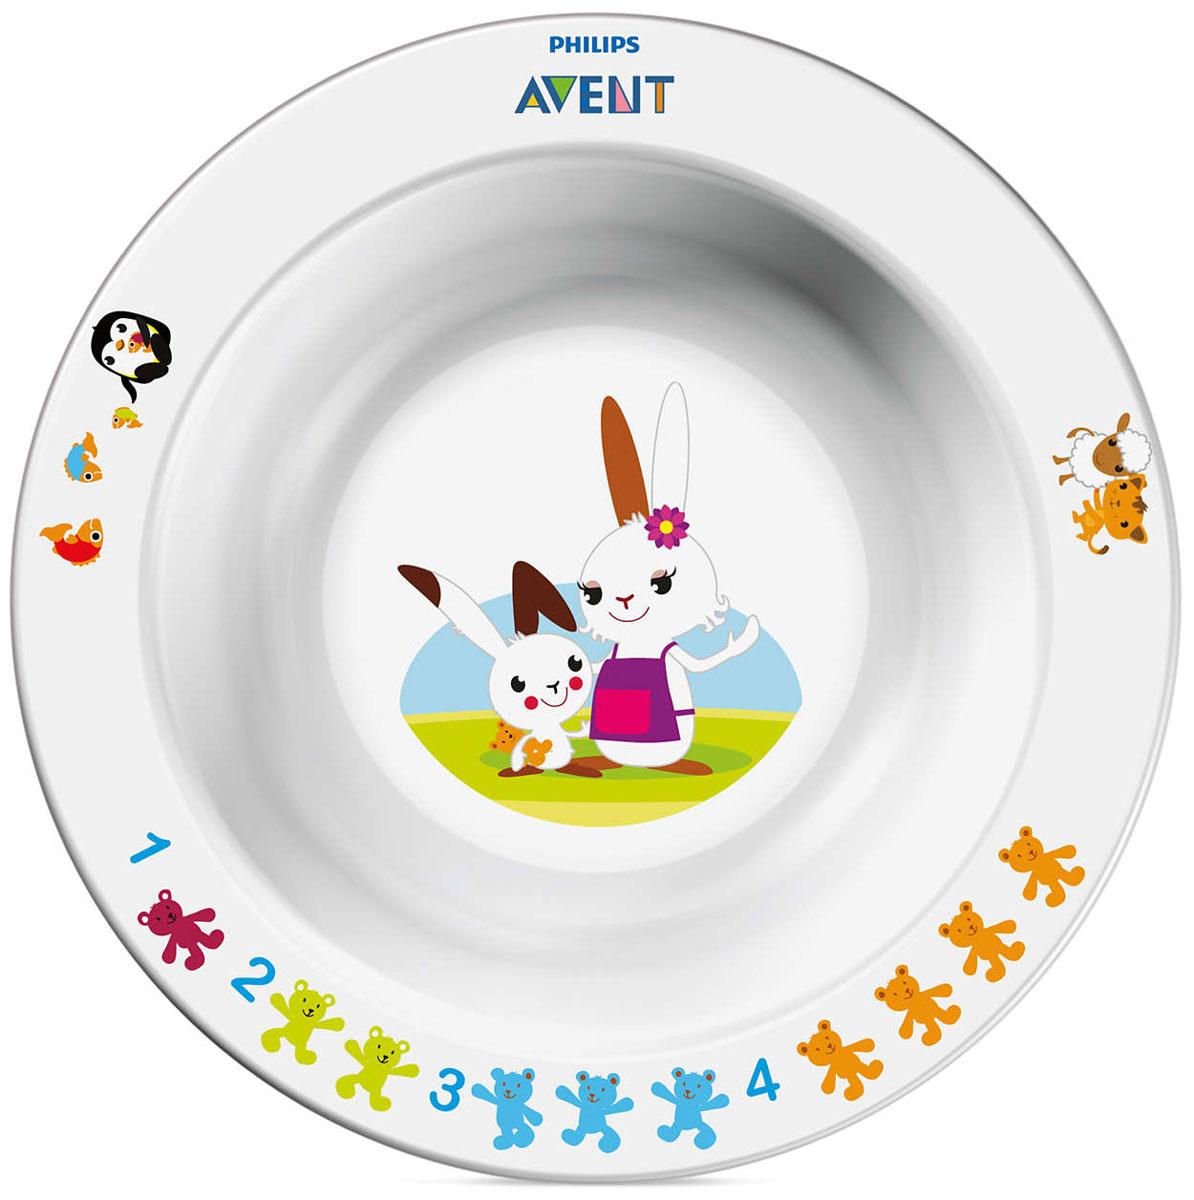 Philips Avent Глубокая тарелка 230 мл., 6 м+ SCF706/00SCF706/00Тарелка Philips Avent выполнена из яркого полипропилена и оформлена веселыми и красочными развивающими рисунками. Нескользящее основание предотвращает скольжение и переворачивание тарелки. Удобные широкие края идеальны для самостоятельного питания ребенка. Тарелку можно мыть в посудомоечной машине и стерилизовать, а также использовать в микроволновой печи. Не содержит бисфенол-А.